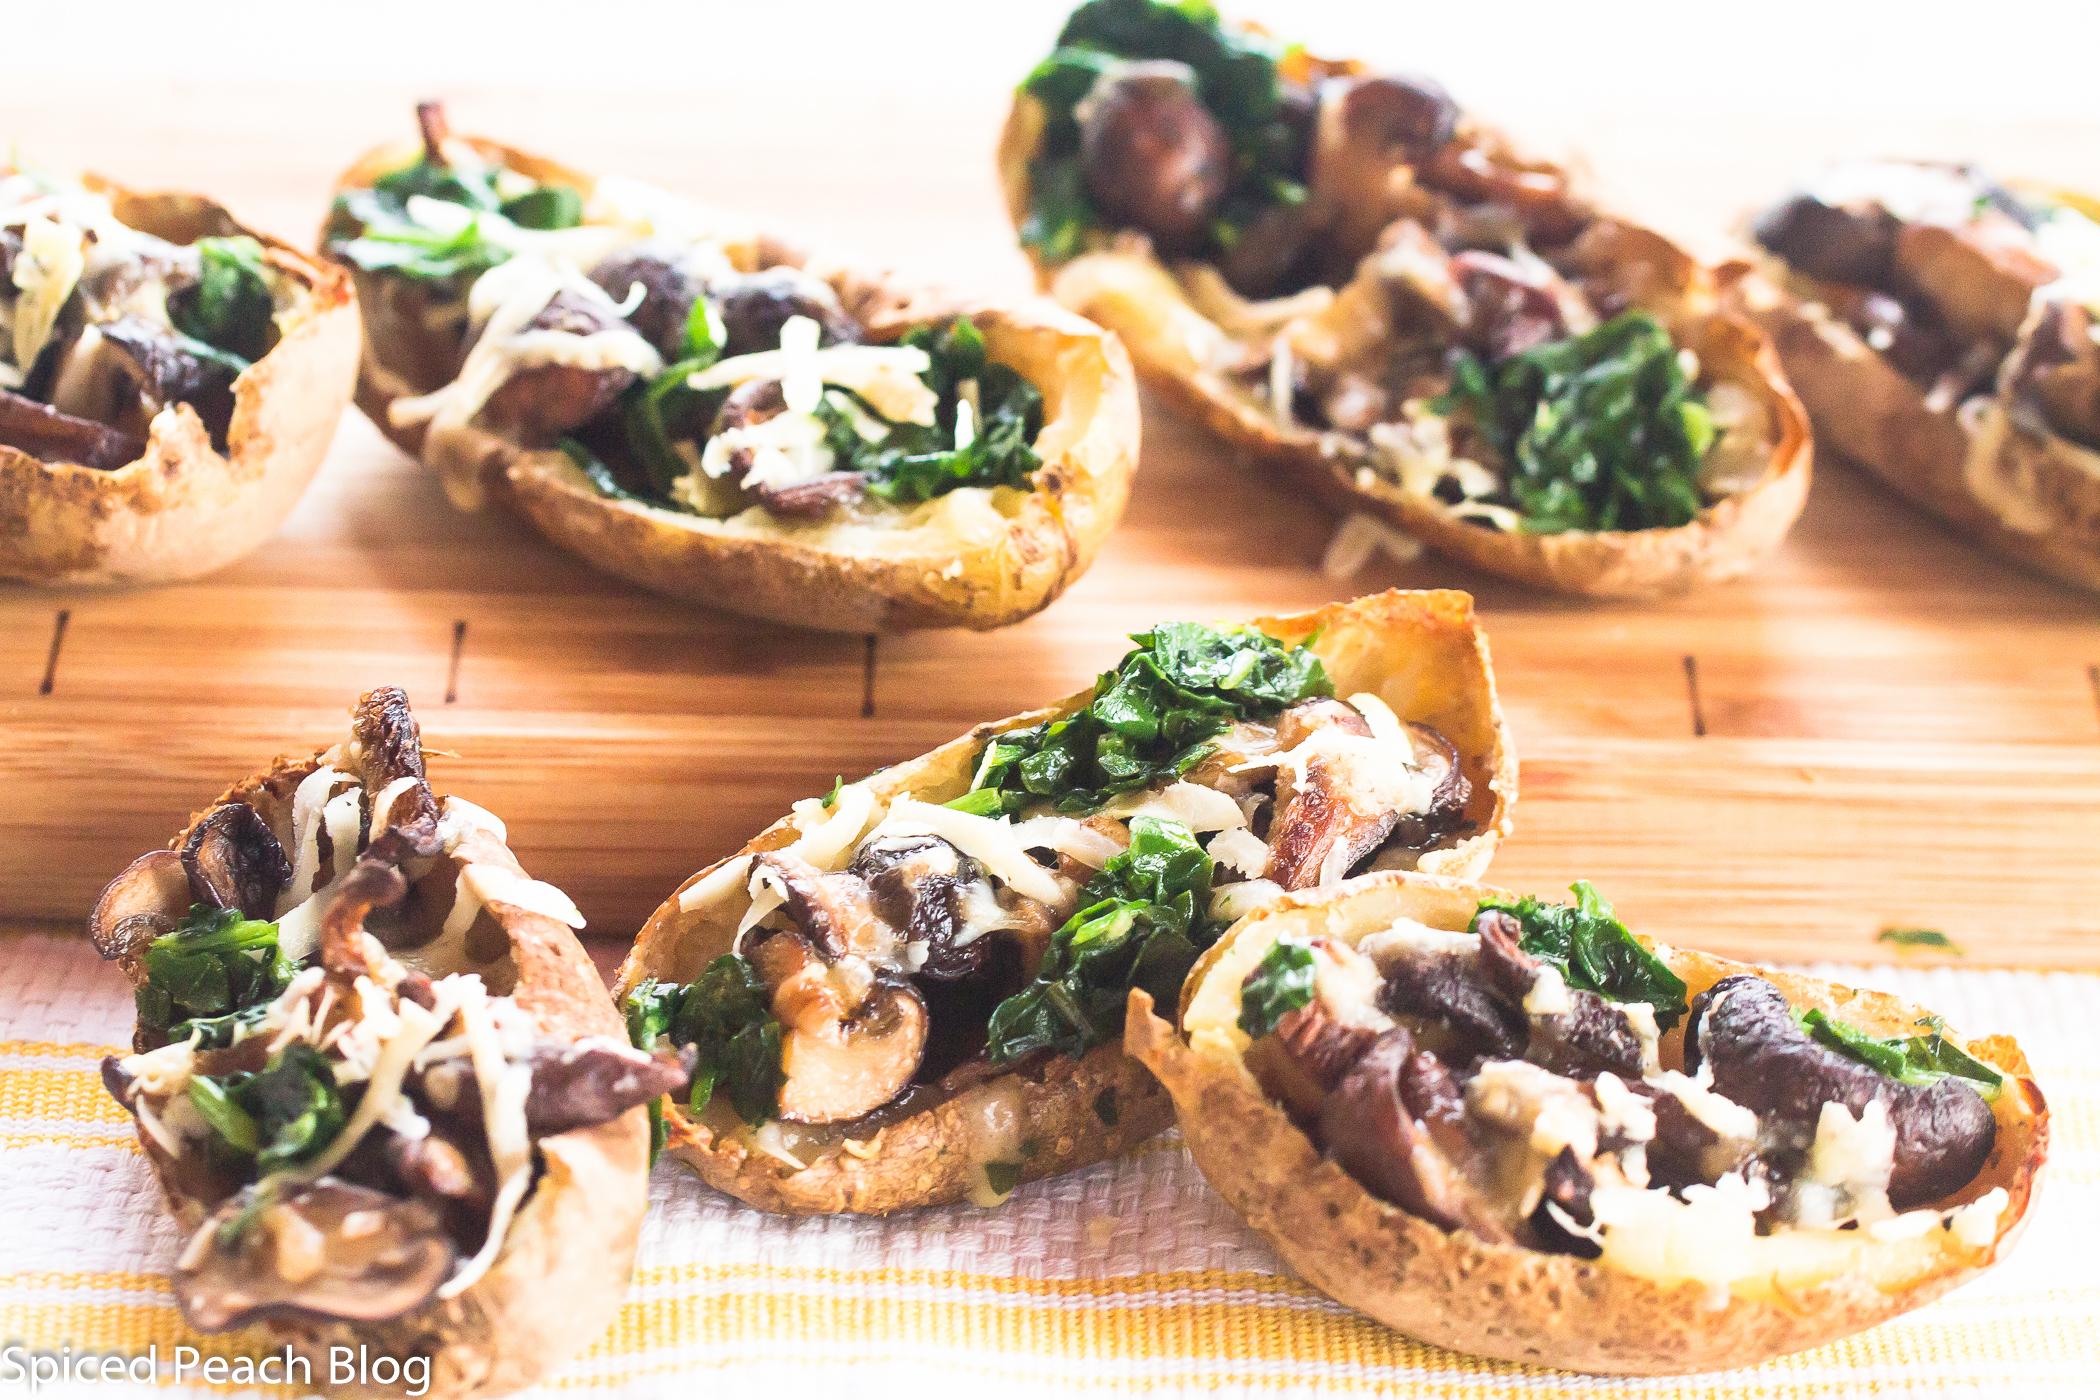 Baked Potato Skins, Mixed Mushrooms, Cheeses, Greens